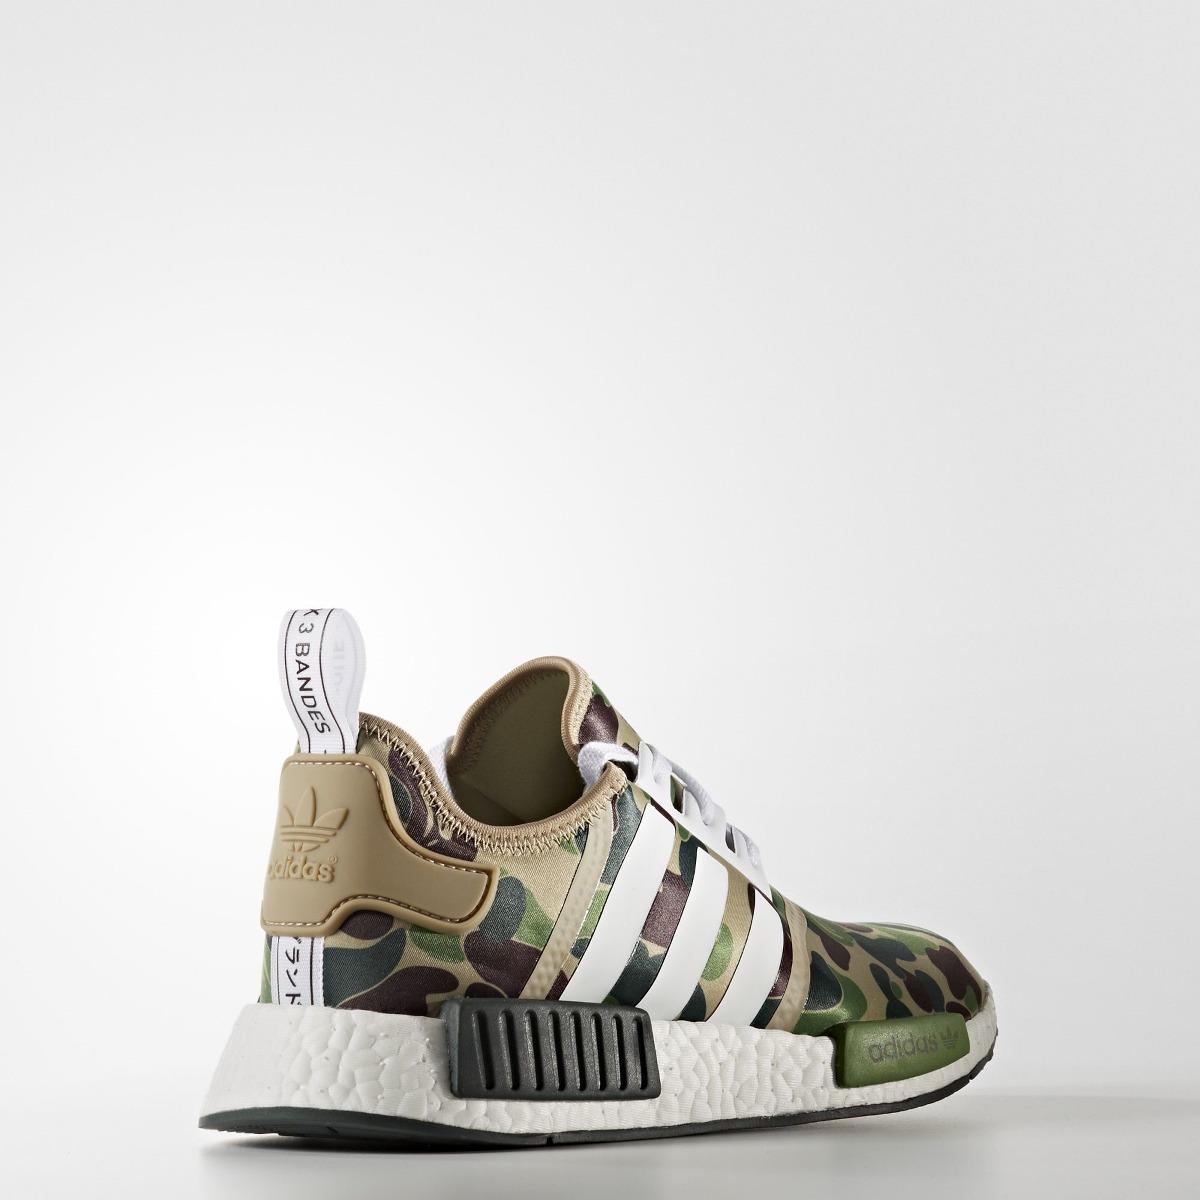 24860686579 originals tênis adidas nmd r1 bape camuflado verde promoção. Carregando  zoom.